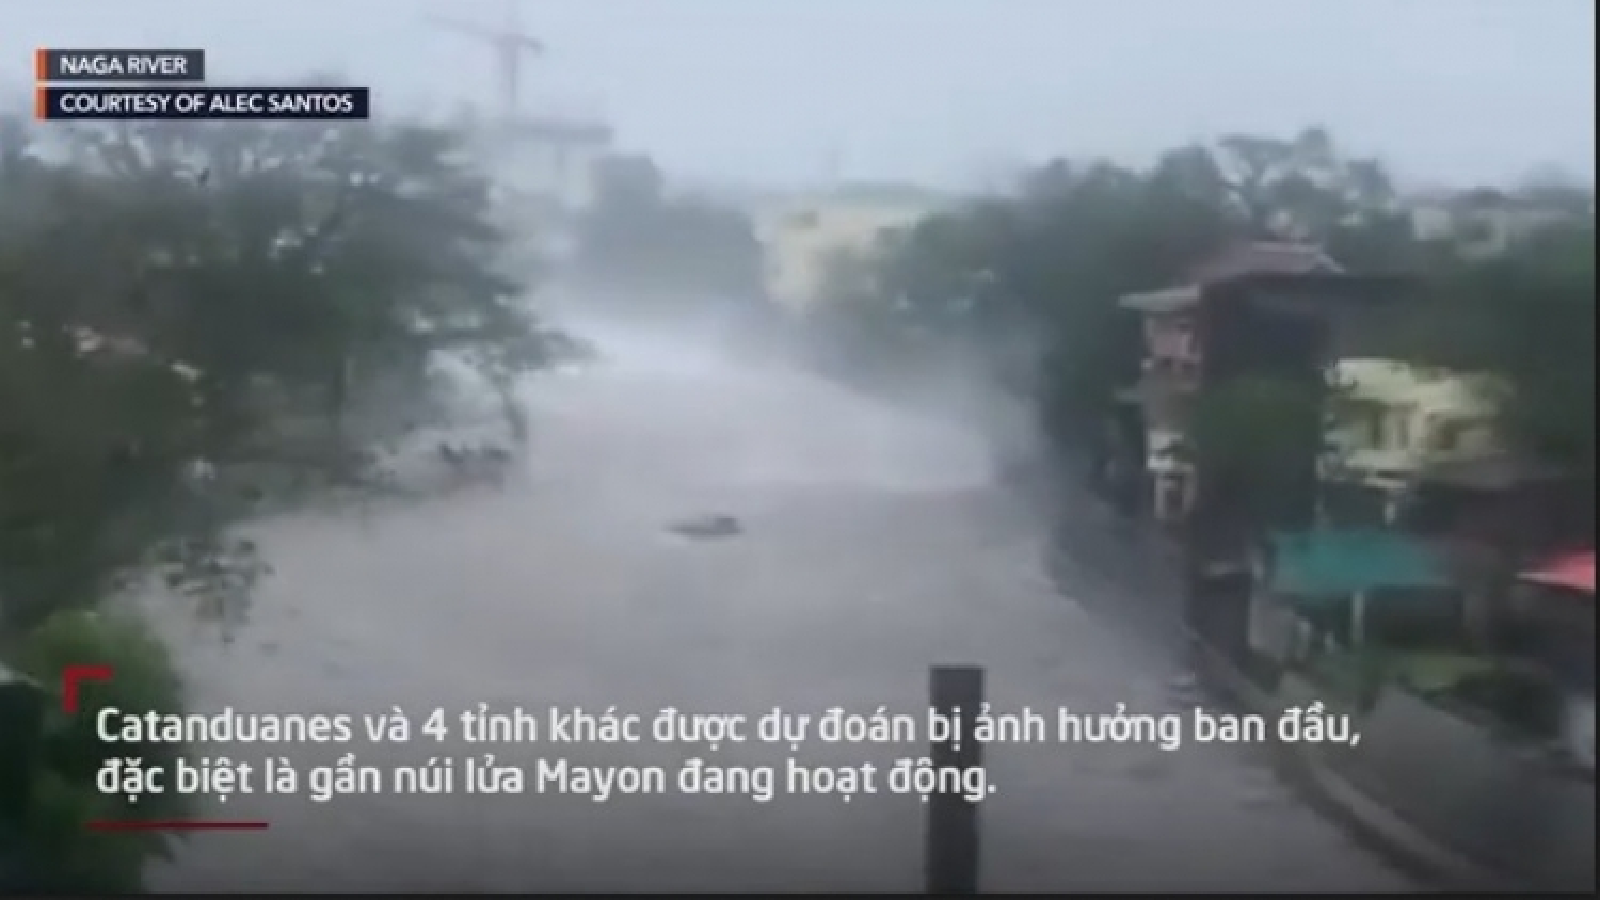 Hình ảnh khủng khiếp ngay sau khi siêu bão Goni đổ bộ Philippines